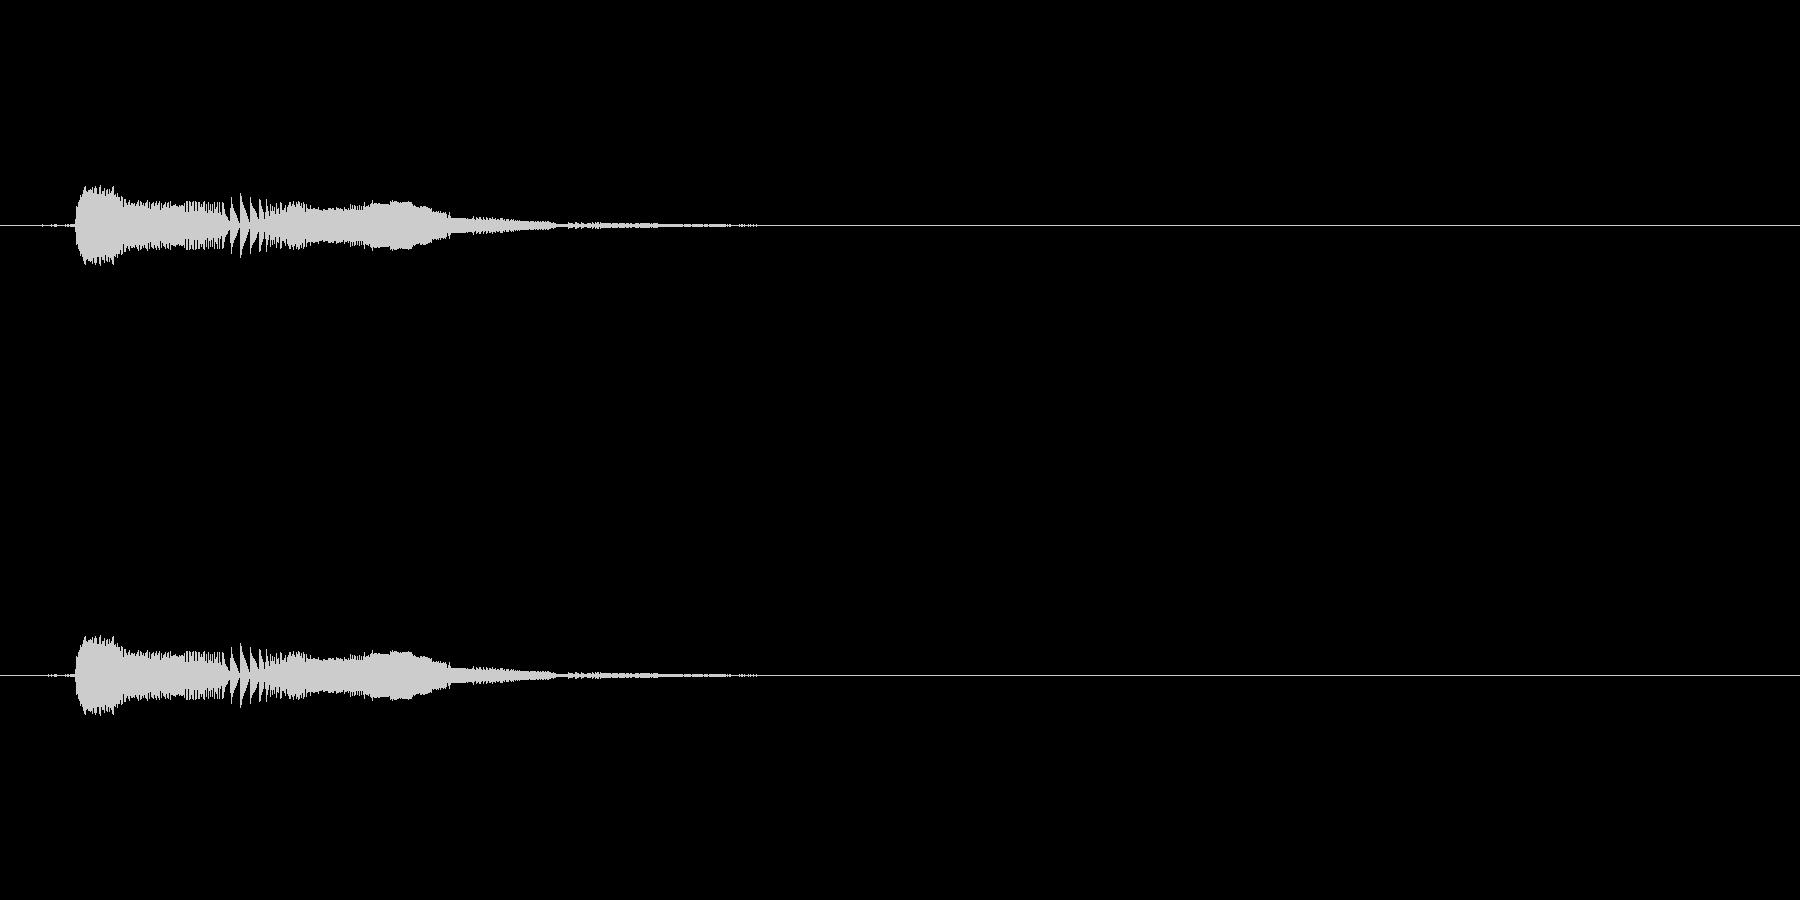 ぴょいっ(ジャンプ音、カーソル音)の未再生の波形